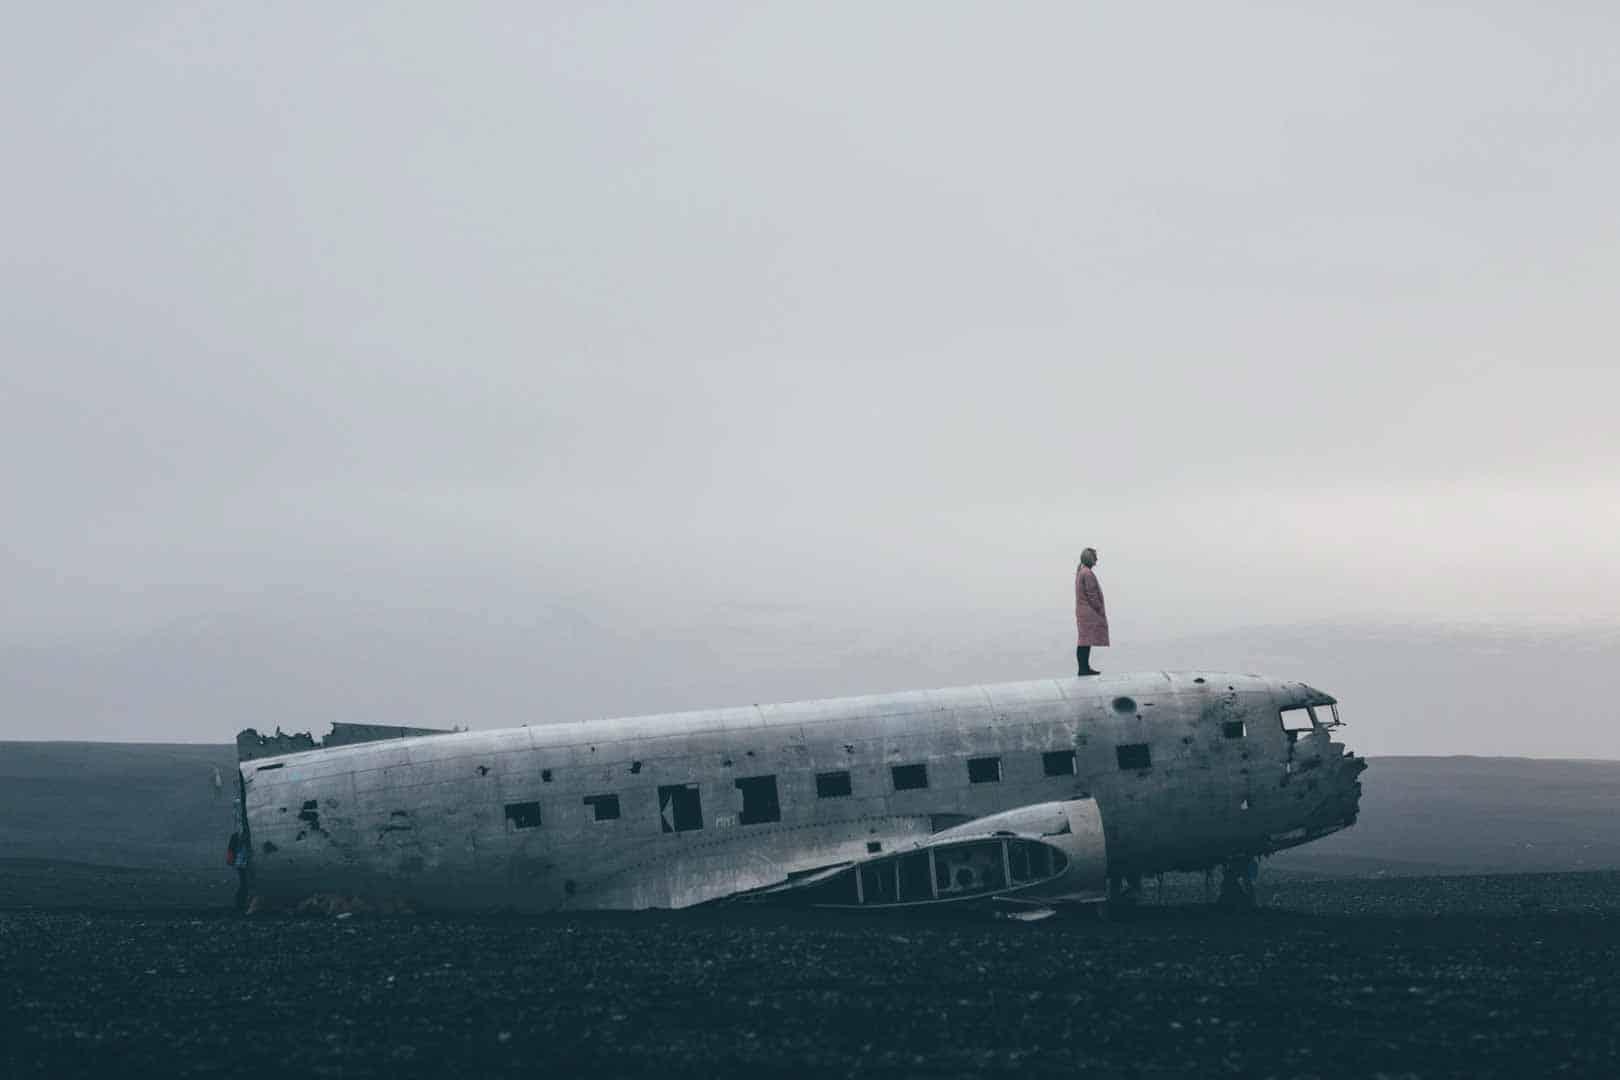 Dakota Plane Wreck South Coast And Jokulsarlon Glacier Lagoon Tour